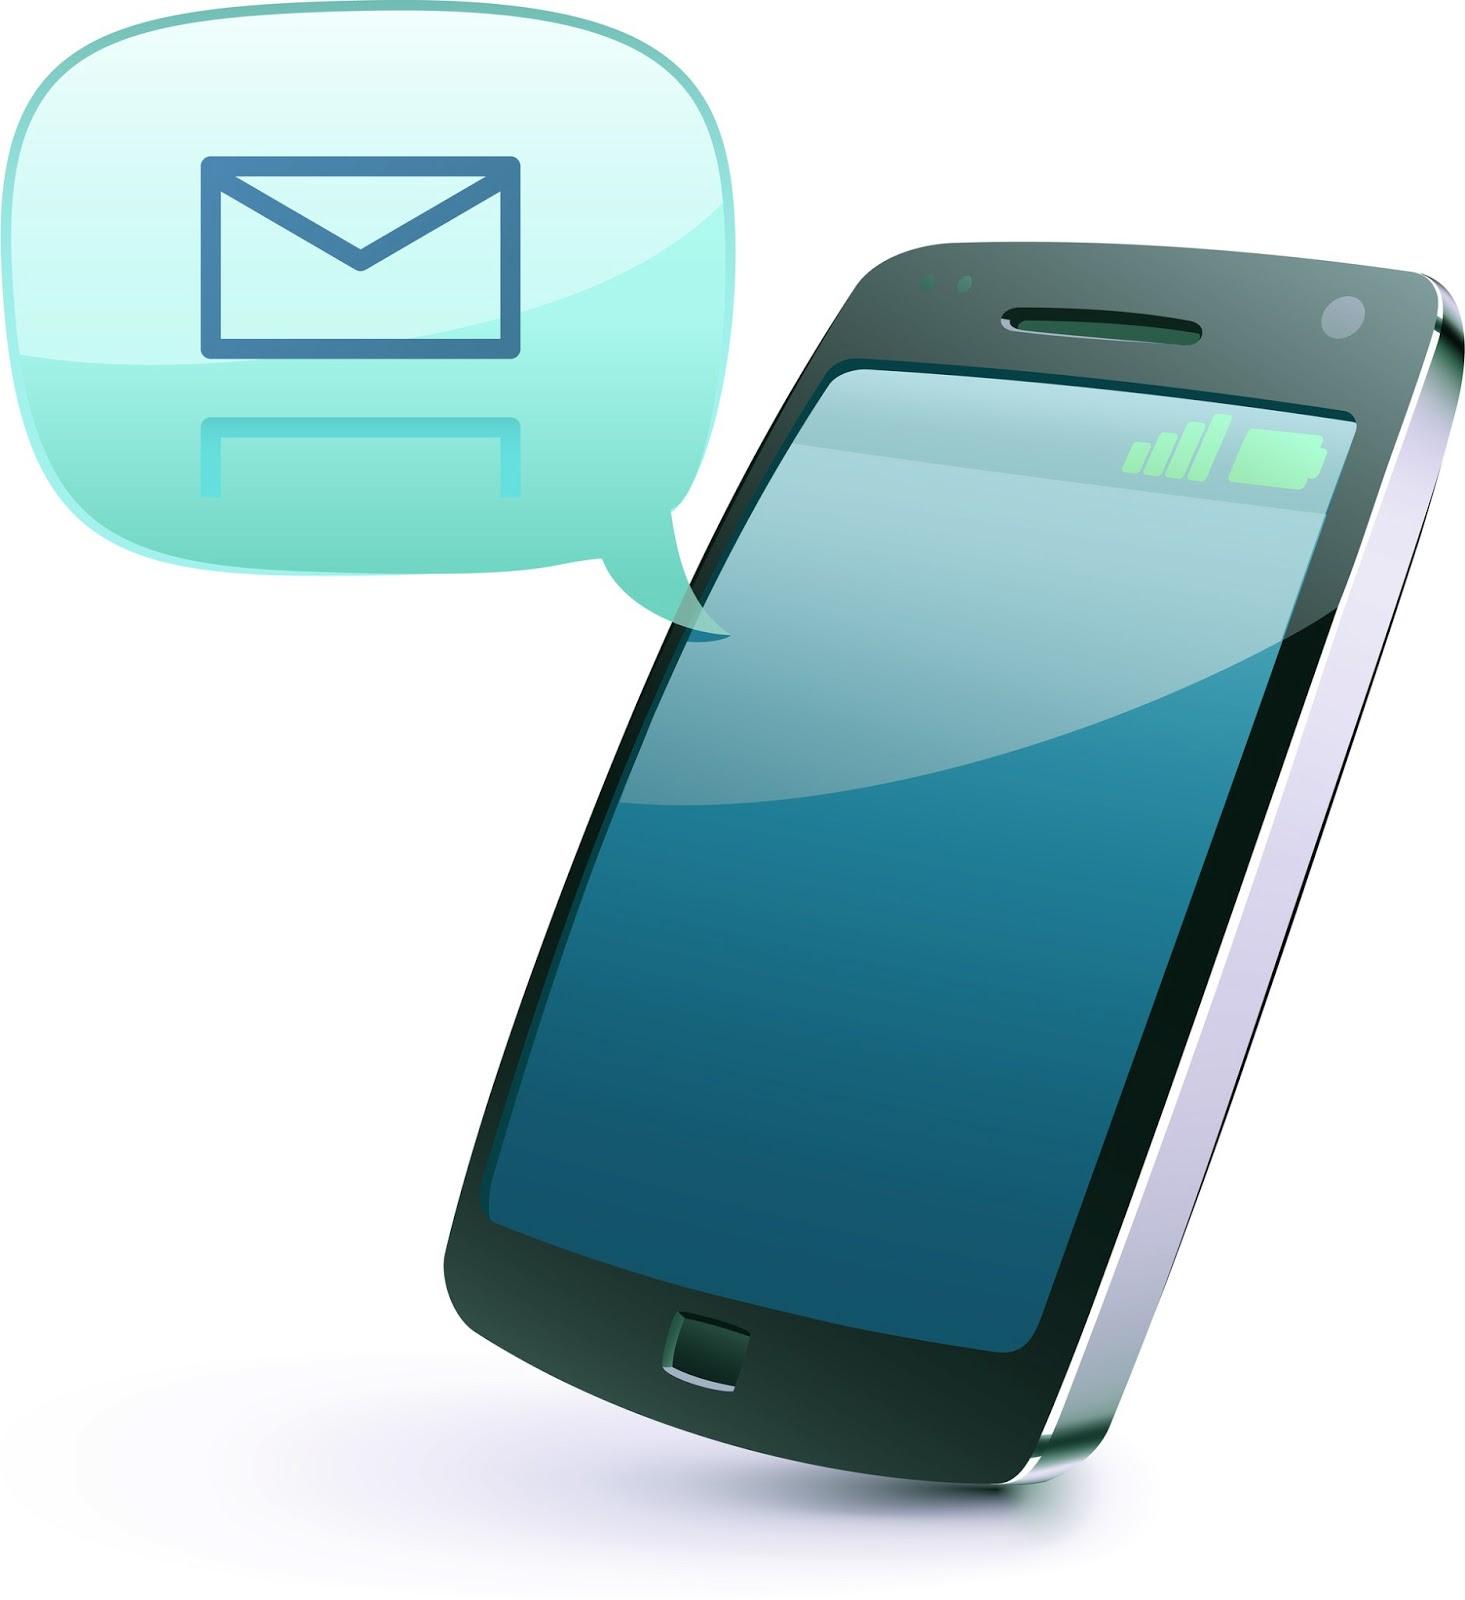 SMS in Marathi - Marathi Kavita SMS Jokes Ukhane Recipes Charolya